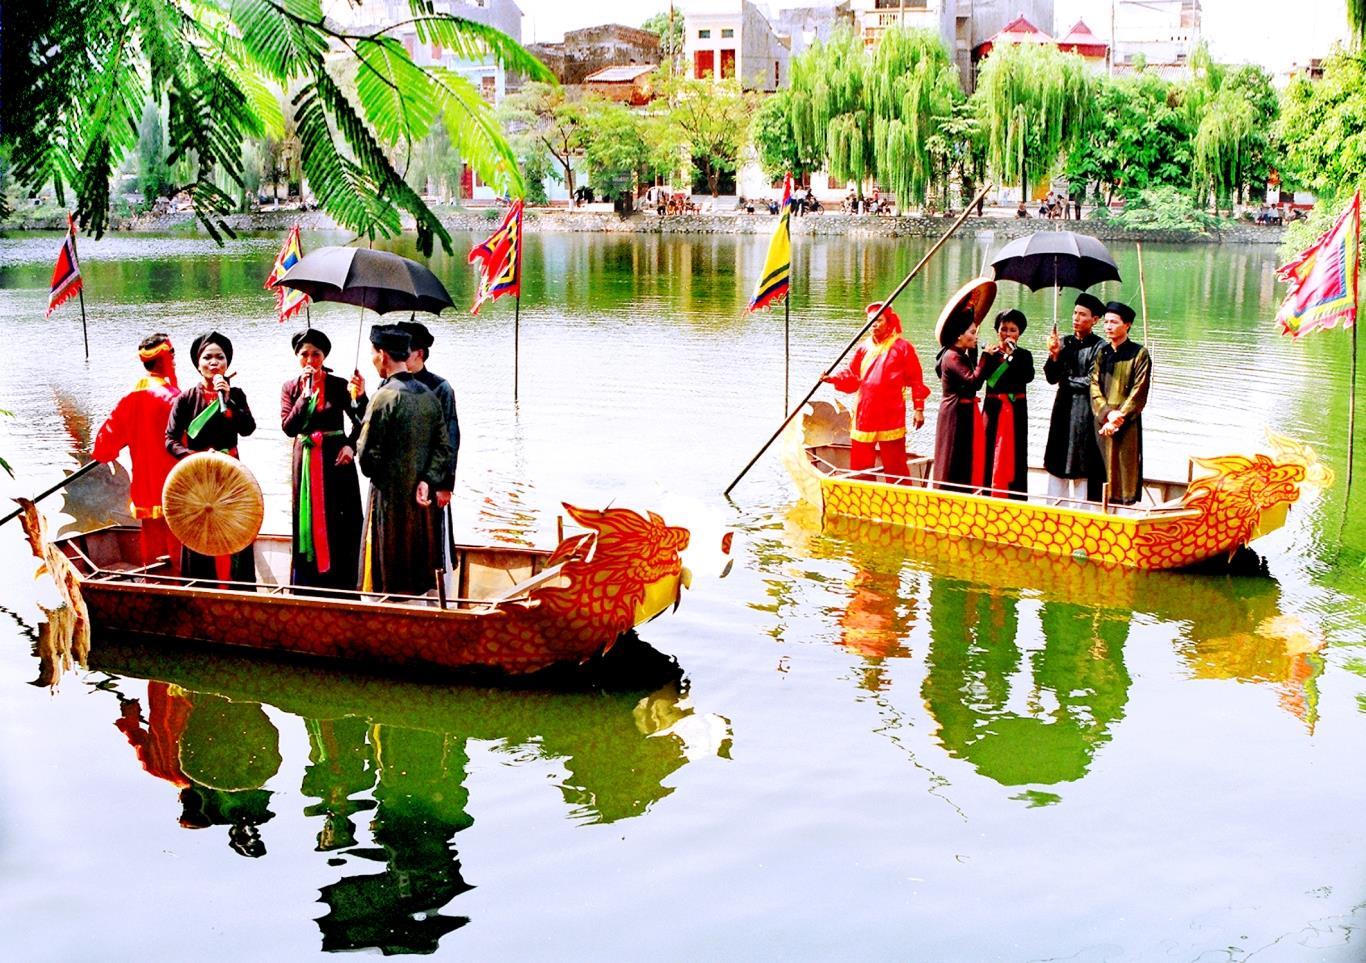 Chuyển phát nhanh từ Quảng Ninh đến Bắc Ninh chất lượng, giá cạnh tranh